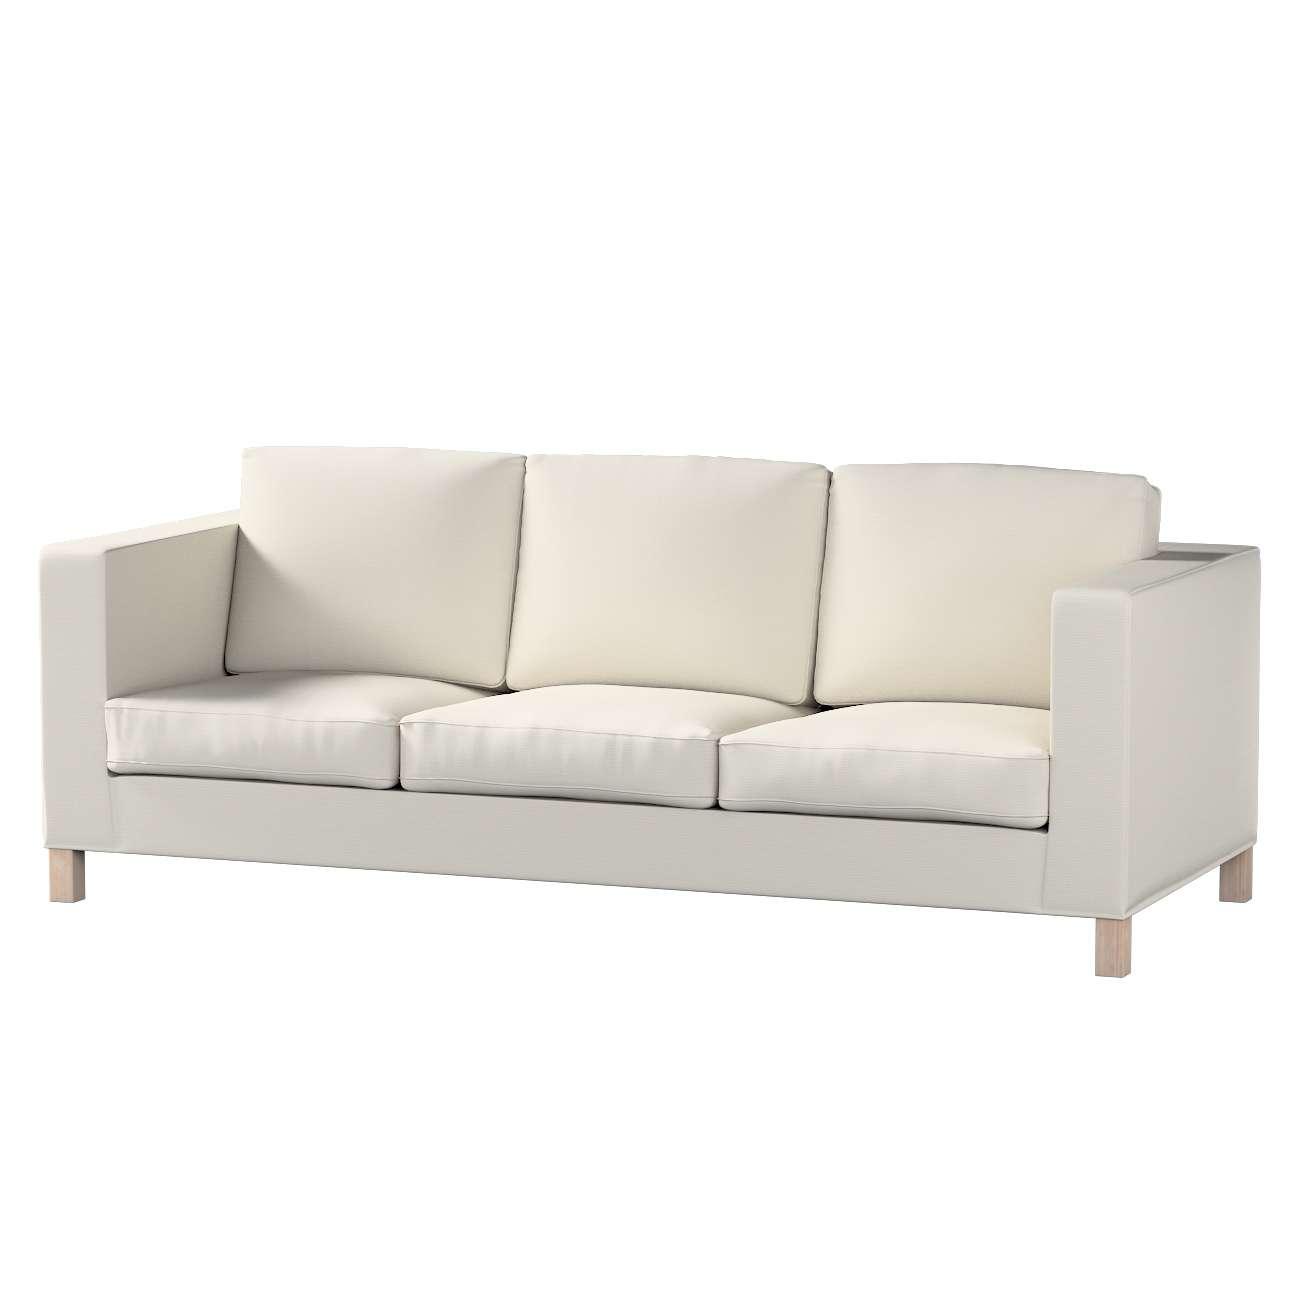 Pokrowiec na sofę Karlanda 3-osobową nierozkładaną, krótki Sofa Karlanda 3-os w kolekcji Cotton Panama, tkanina: 702-31